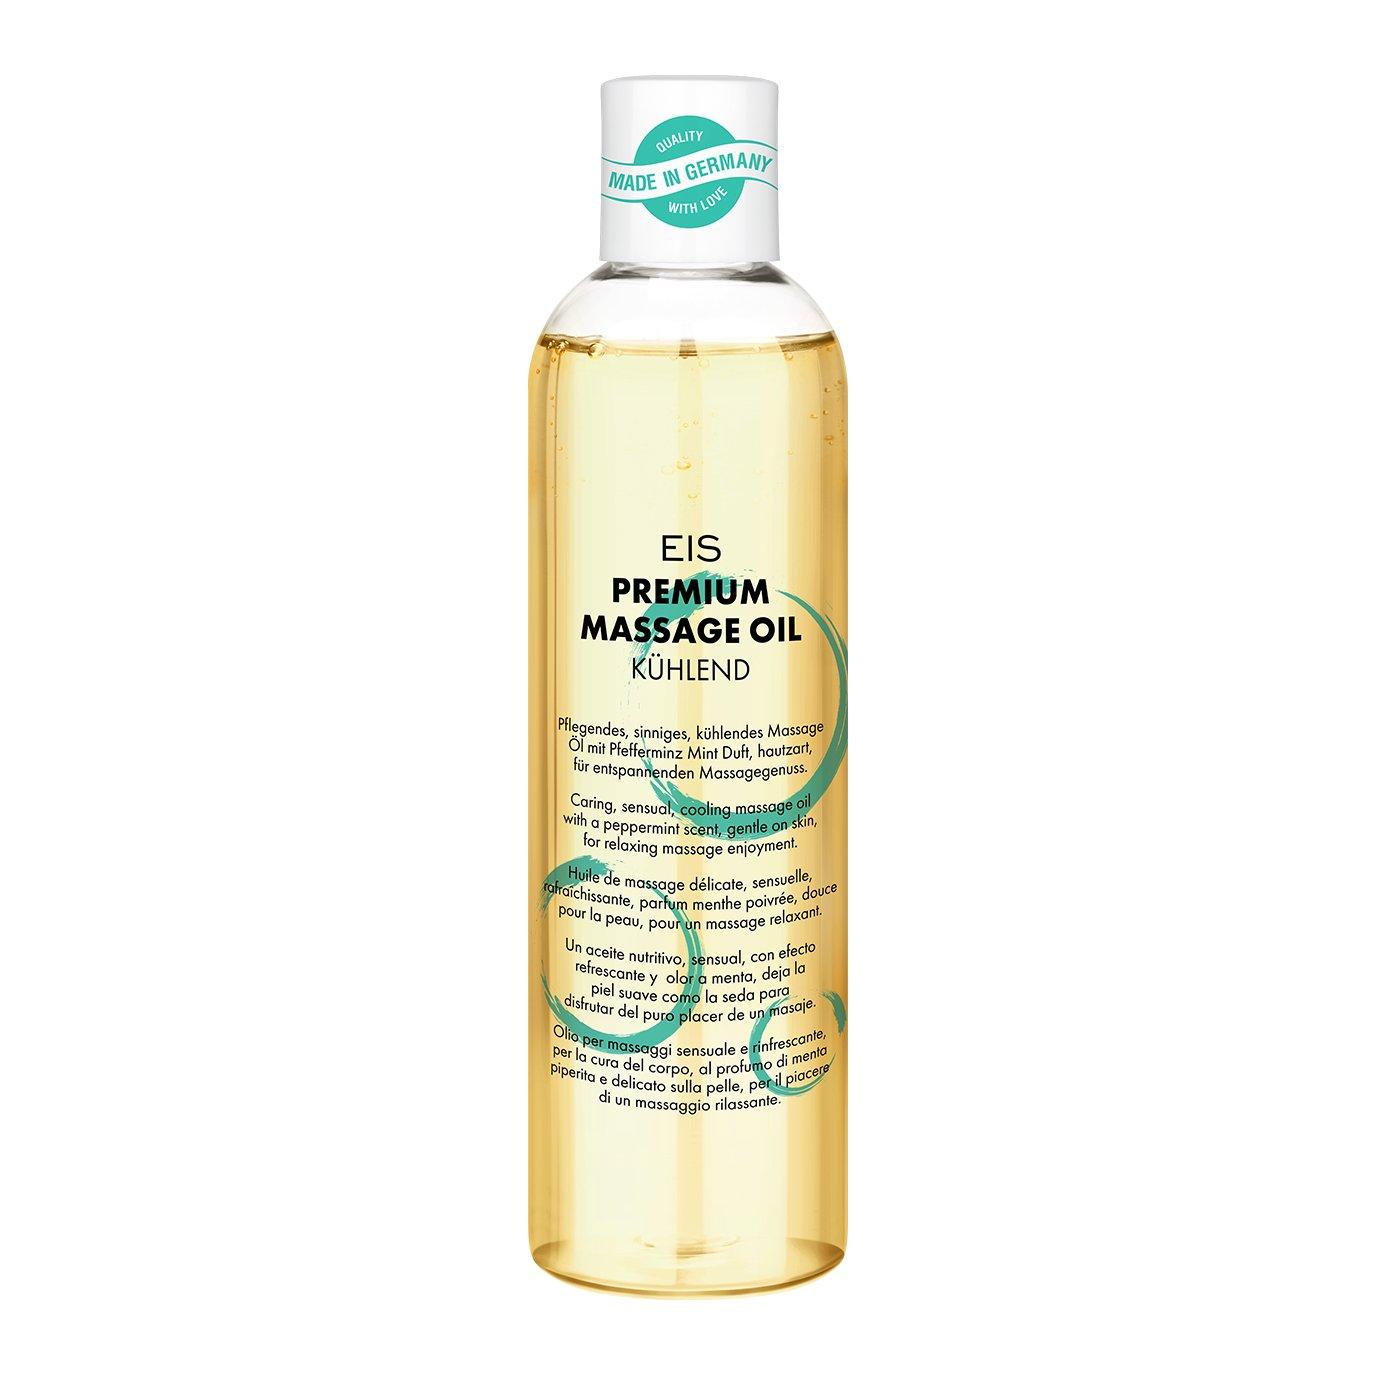 Aceite de masaje cálido prémium de EIS | excitante efecto calor | olor choco | 250 ml: Amazon.es: Salud y cuidado personal